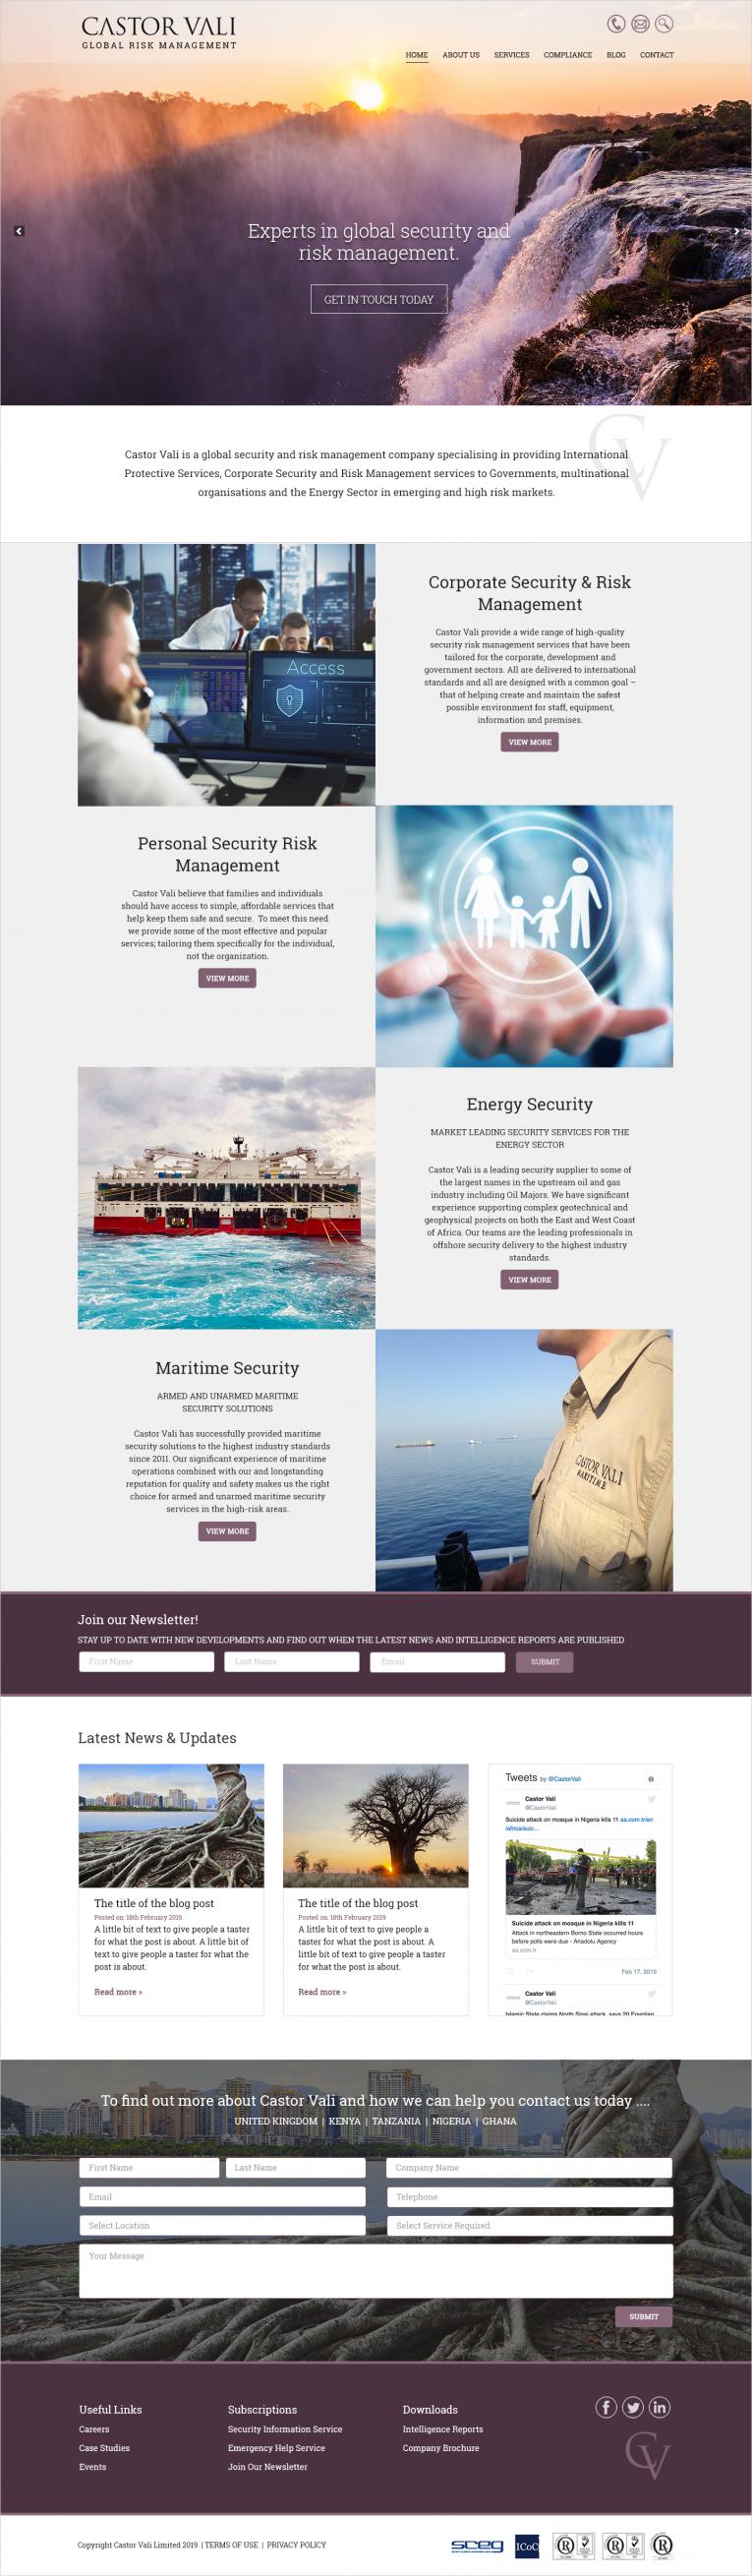 Castor Vali Home Page Design